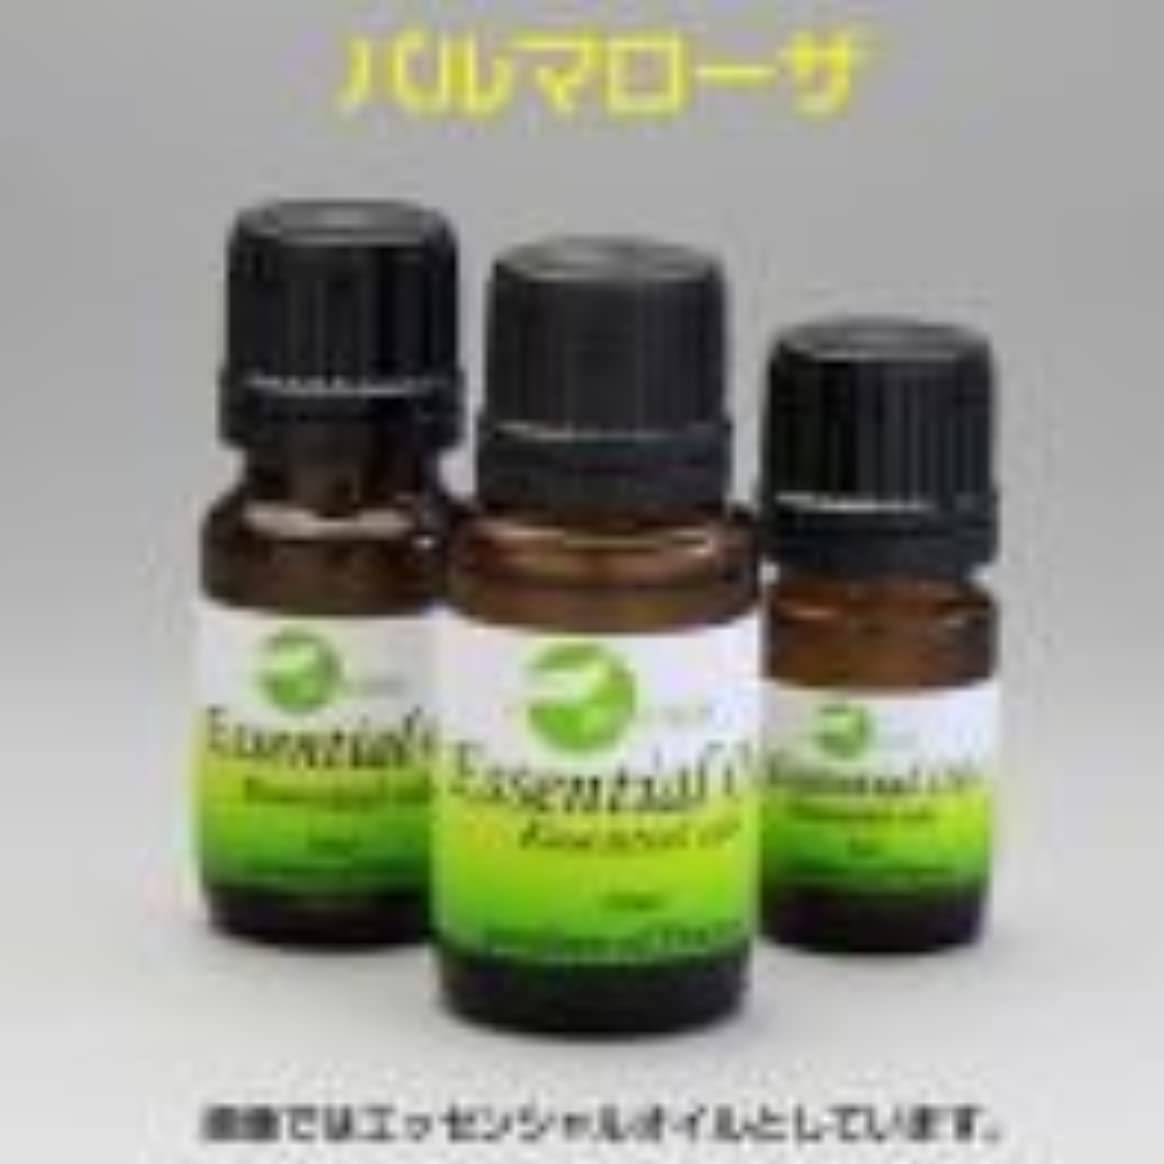 く喜んで上向き[エッセンシャルオイル] ローズに似た甘いフローラルな香り パルマローザ 15ml